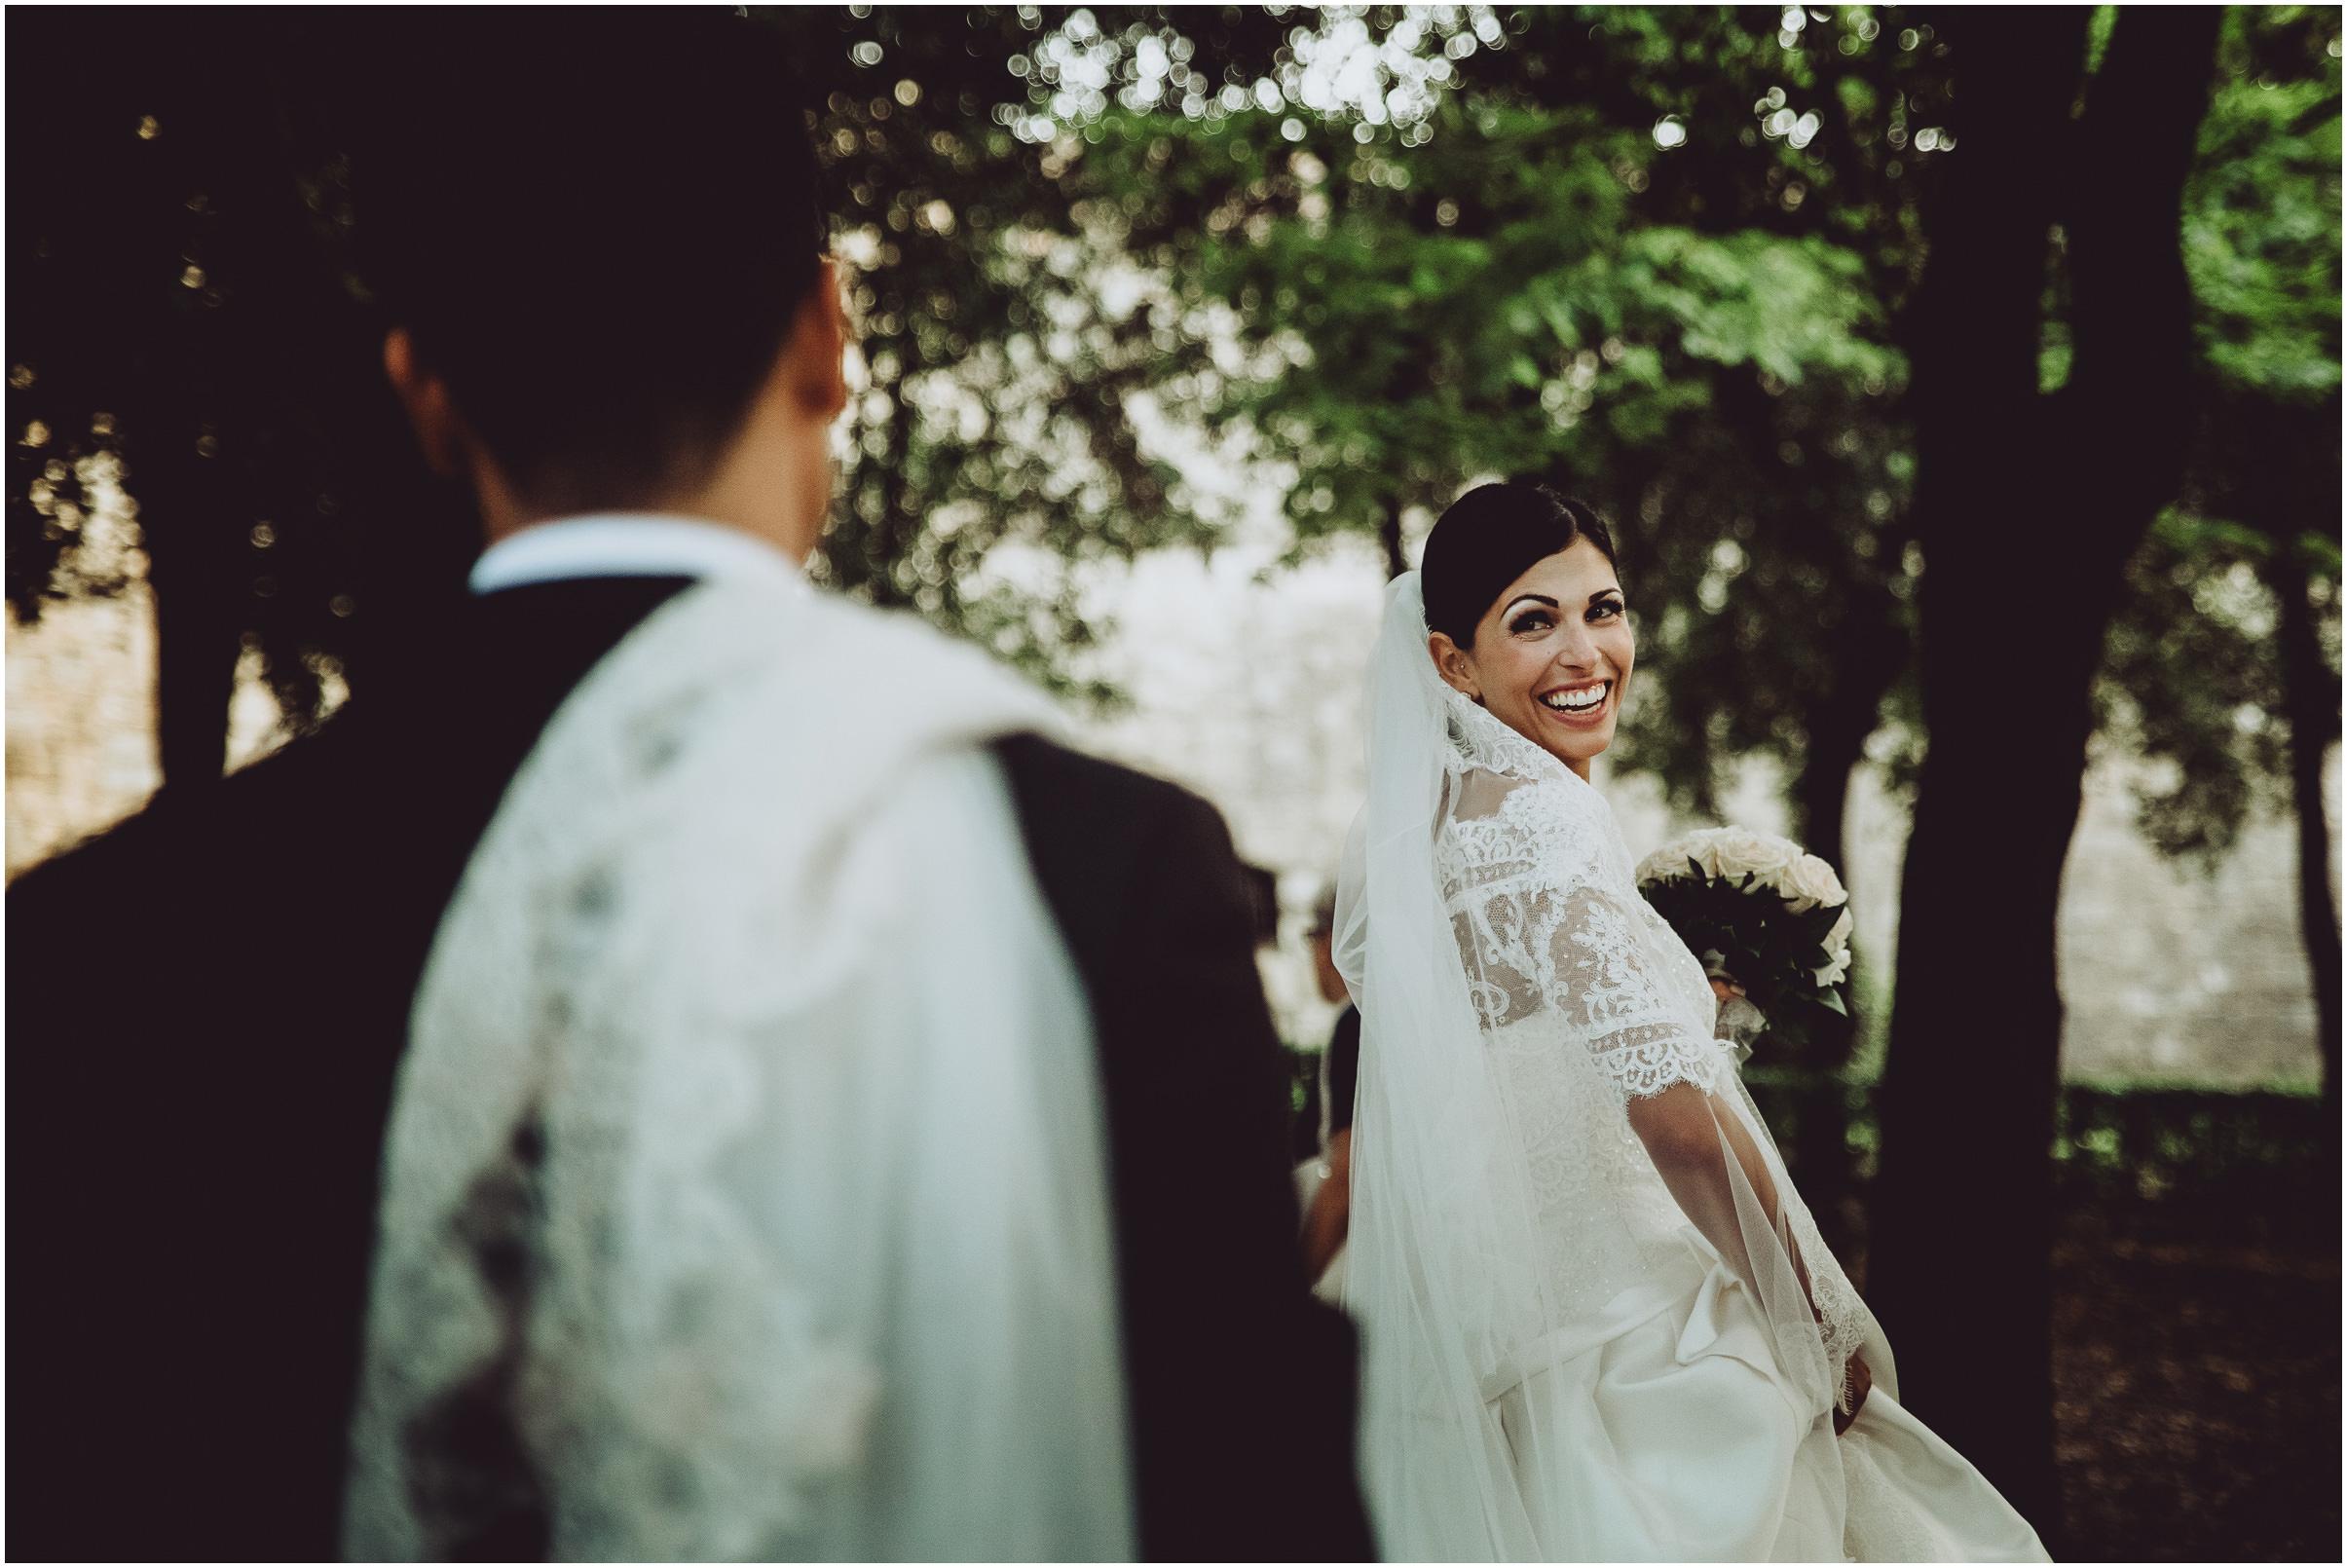 WEDDING-PHOTOGRAPHY-SARA-LORENZONI-FOTOGRAFIA-MATRIMONIO-AREZZO-TUSCANY-EVENTO-LE-SPOSE-DI-GIANNI-ELISA-LUCA048